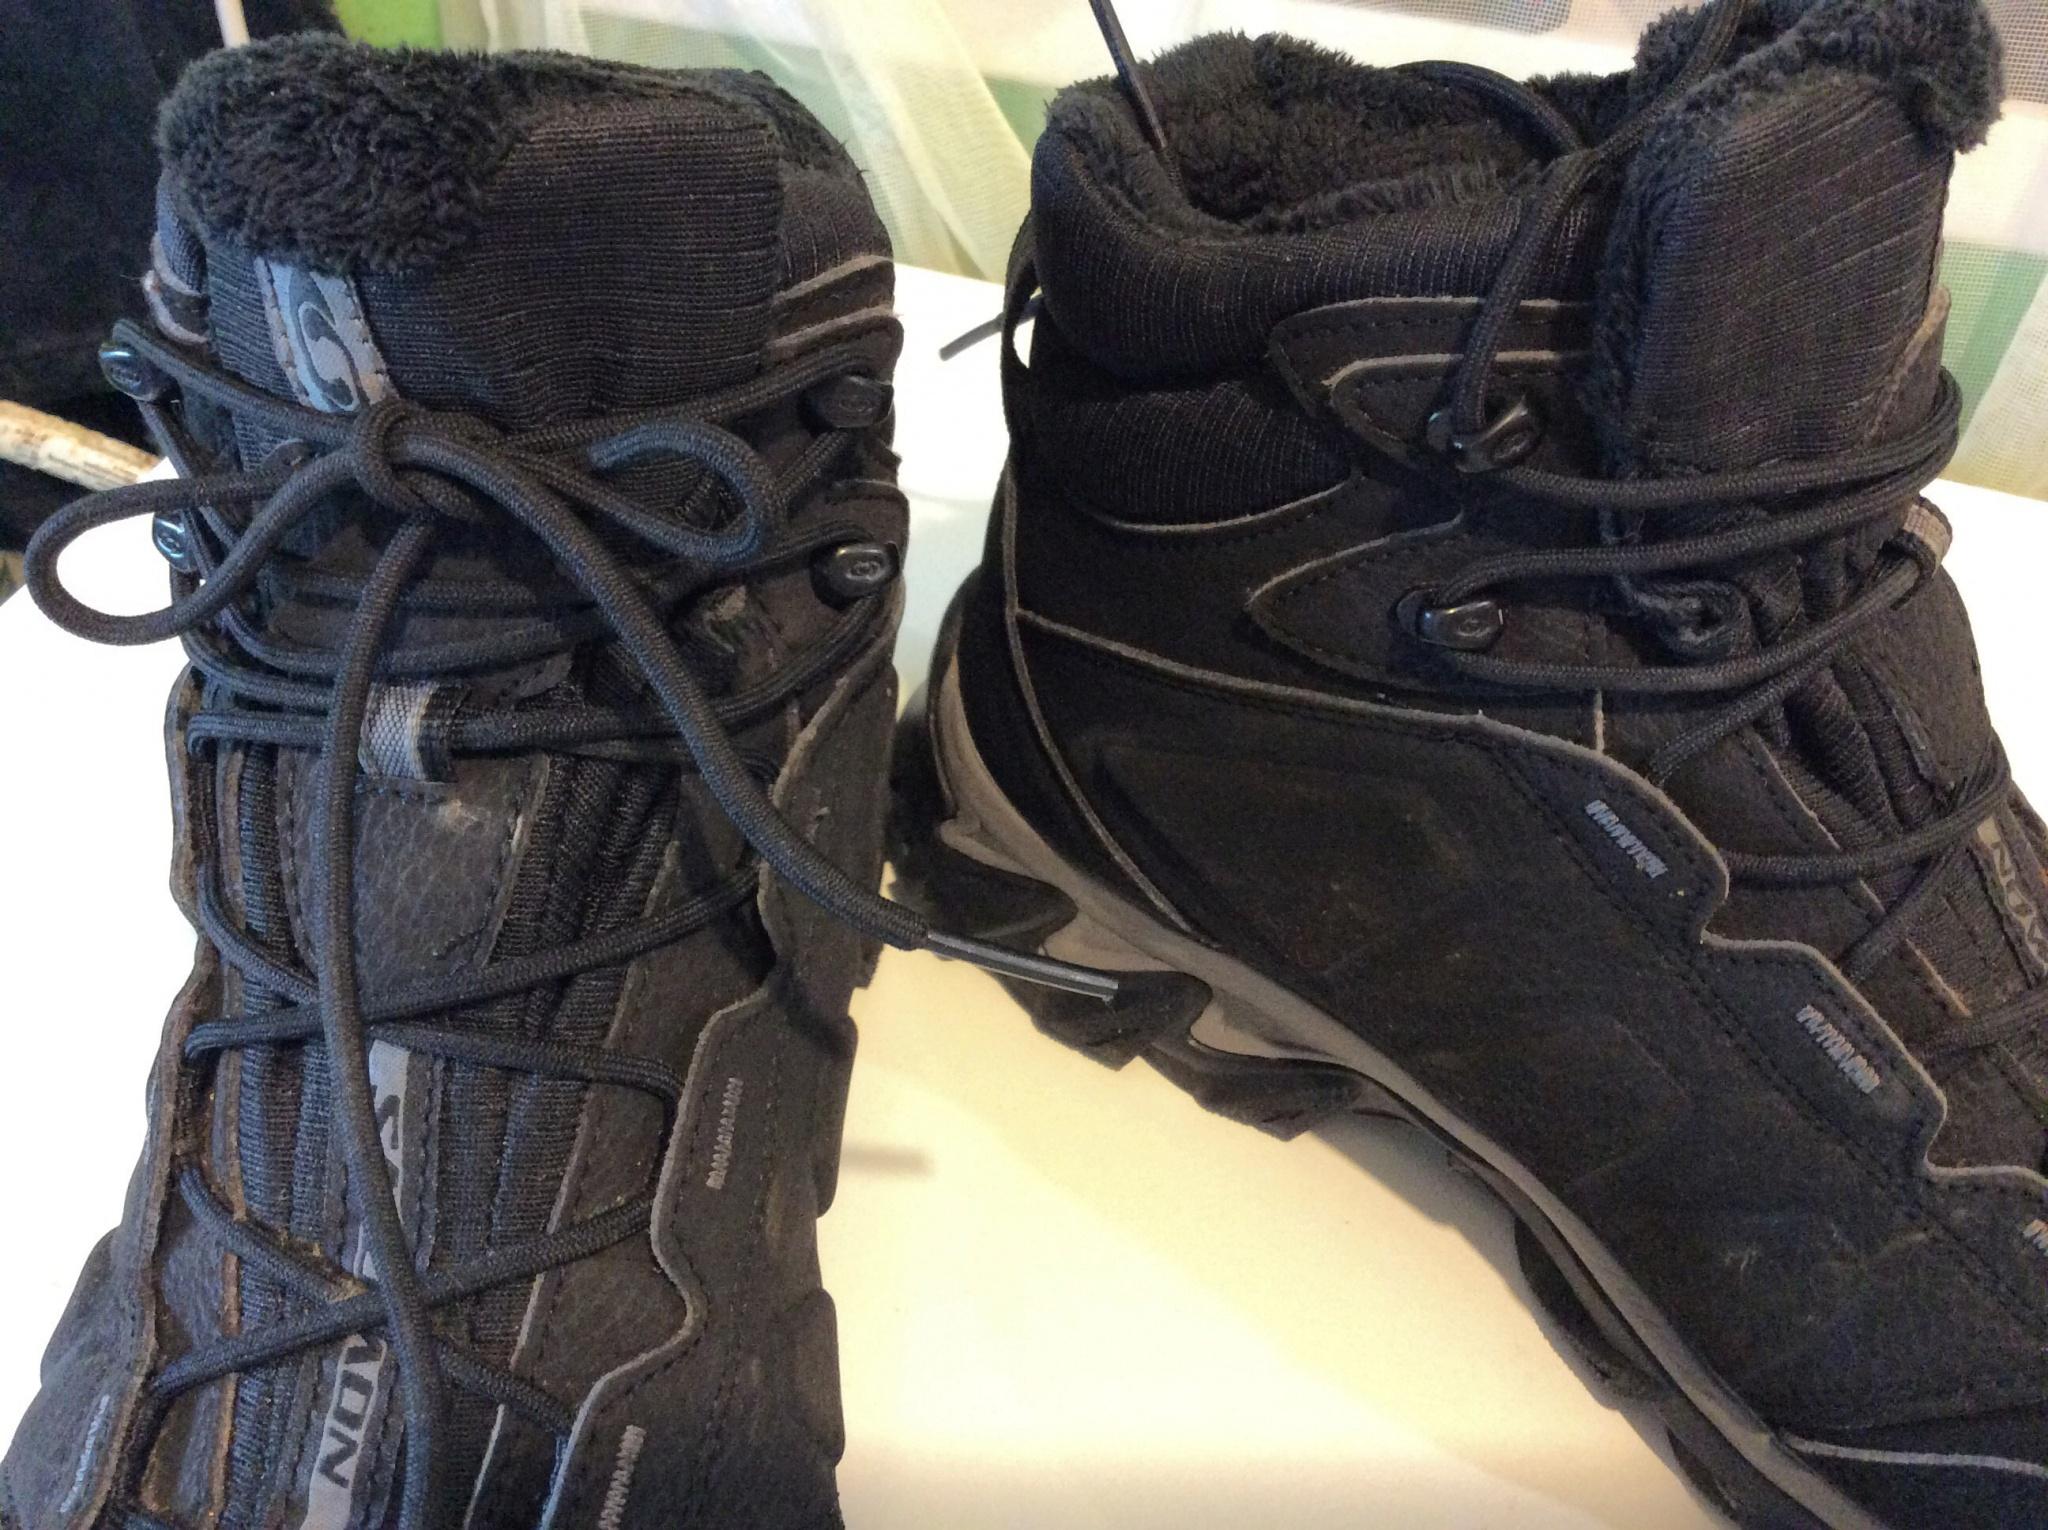 8fa88240 Обзор на Ботинки SALOMON ELBRUS WP M L10875100 мужские, цвет черный, рус.  размер